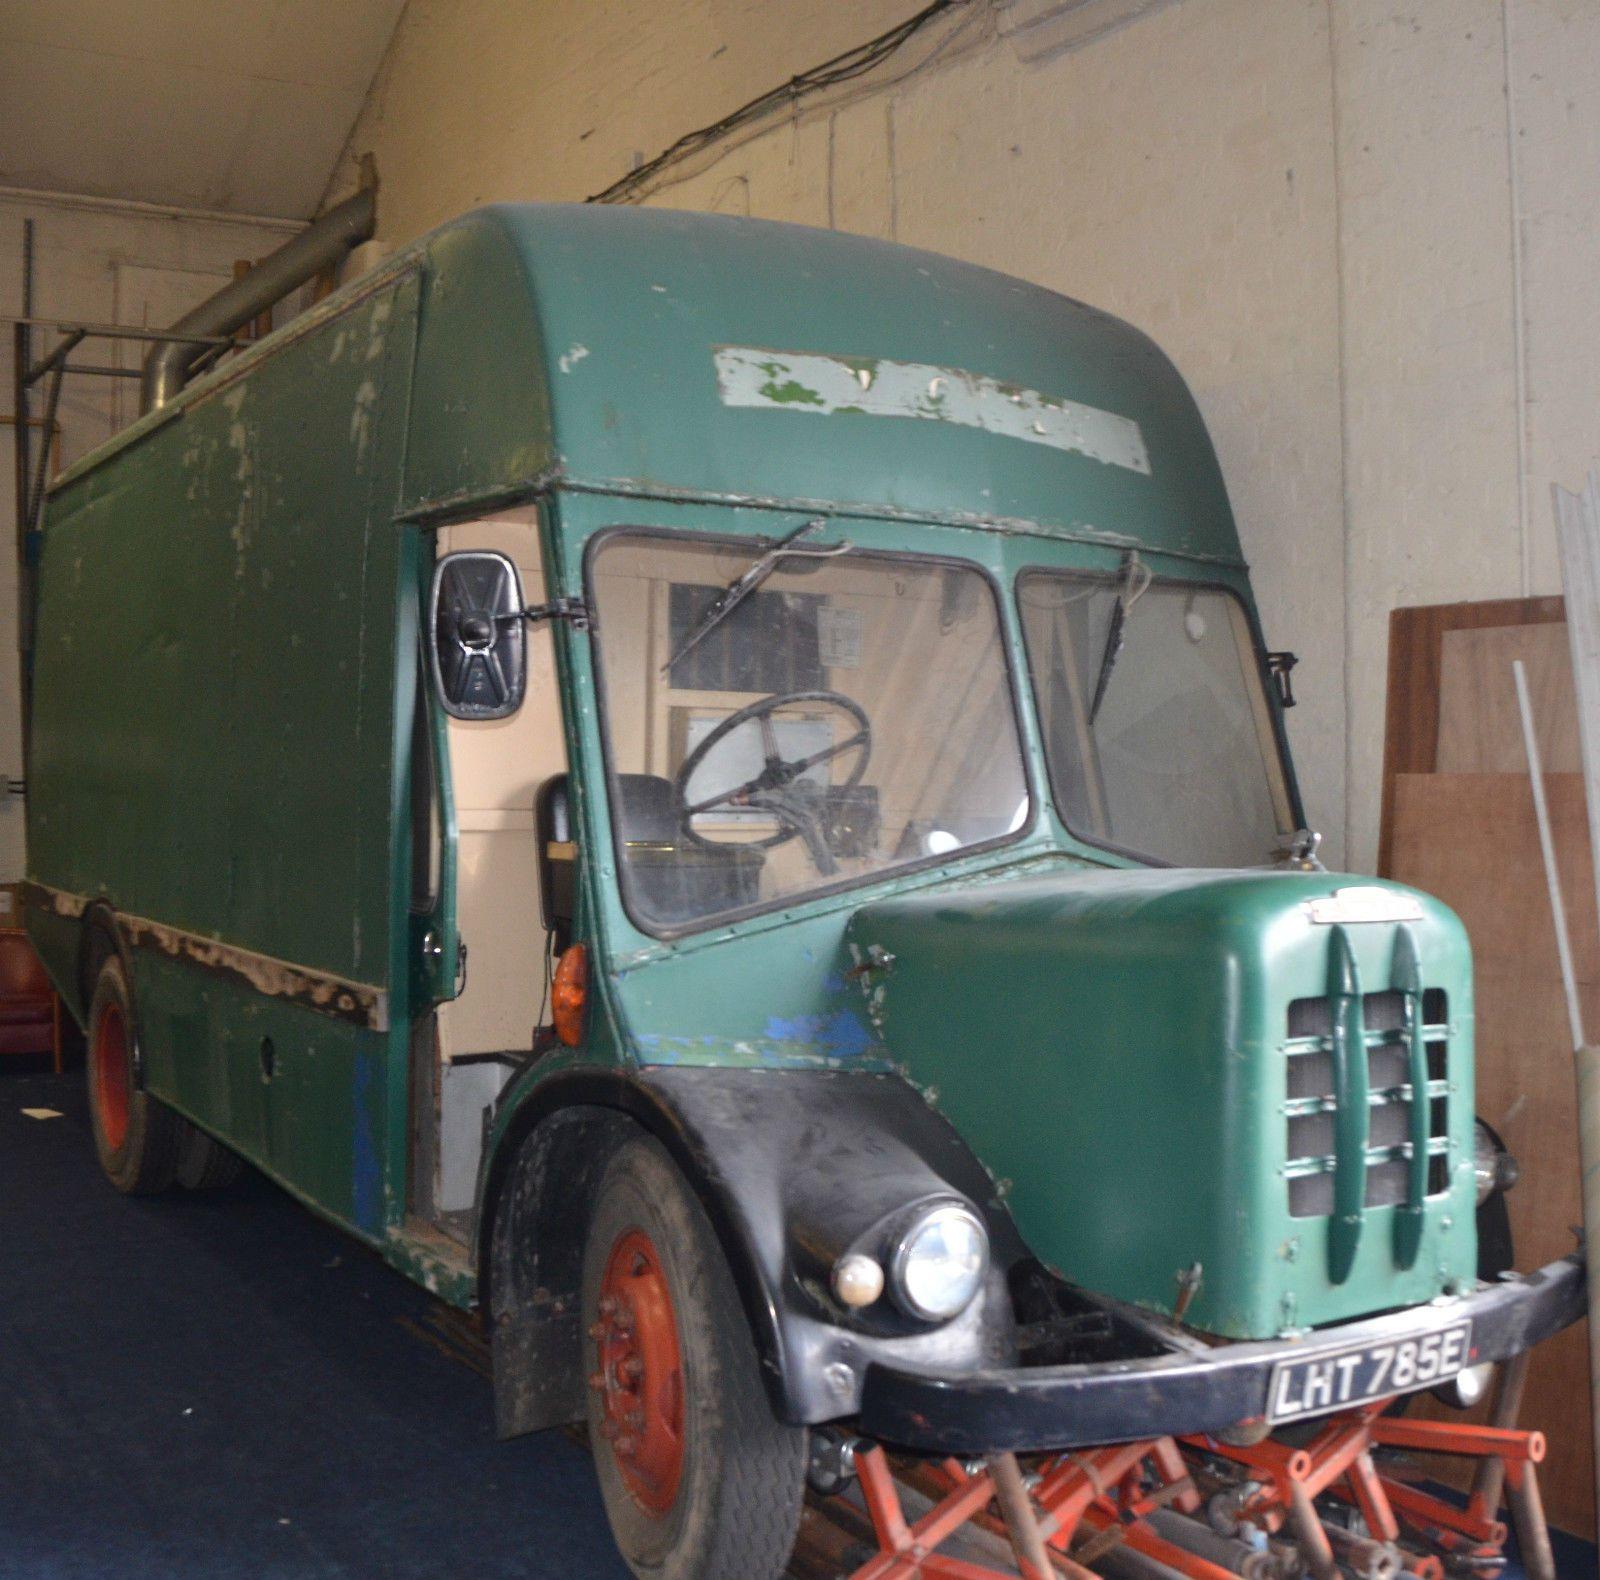 Austin 1966 fak100 BRS classic delivery van (noddy van) RARE | eBay ...